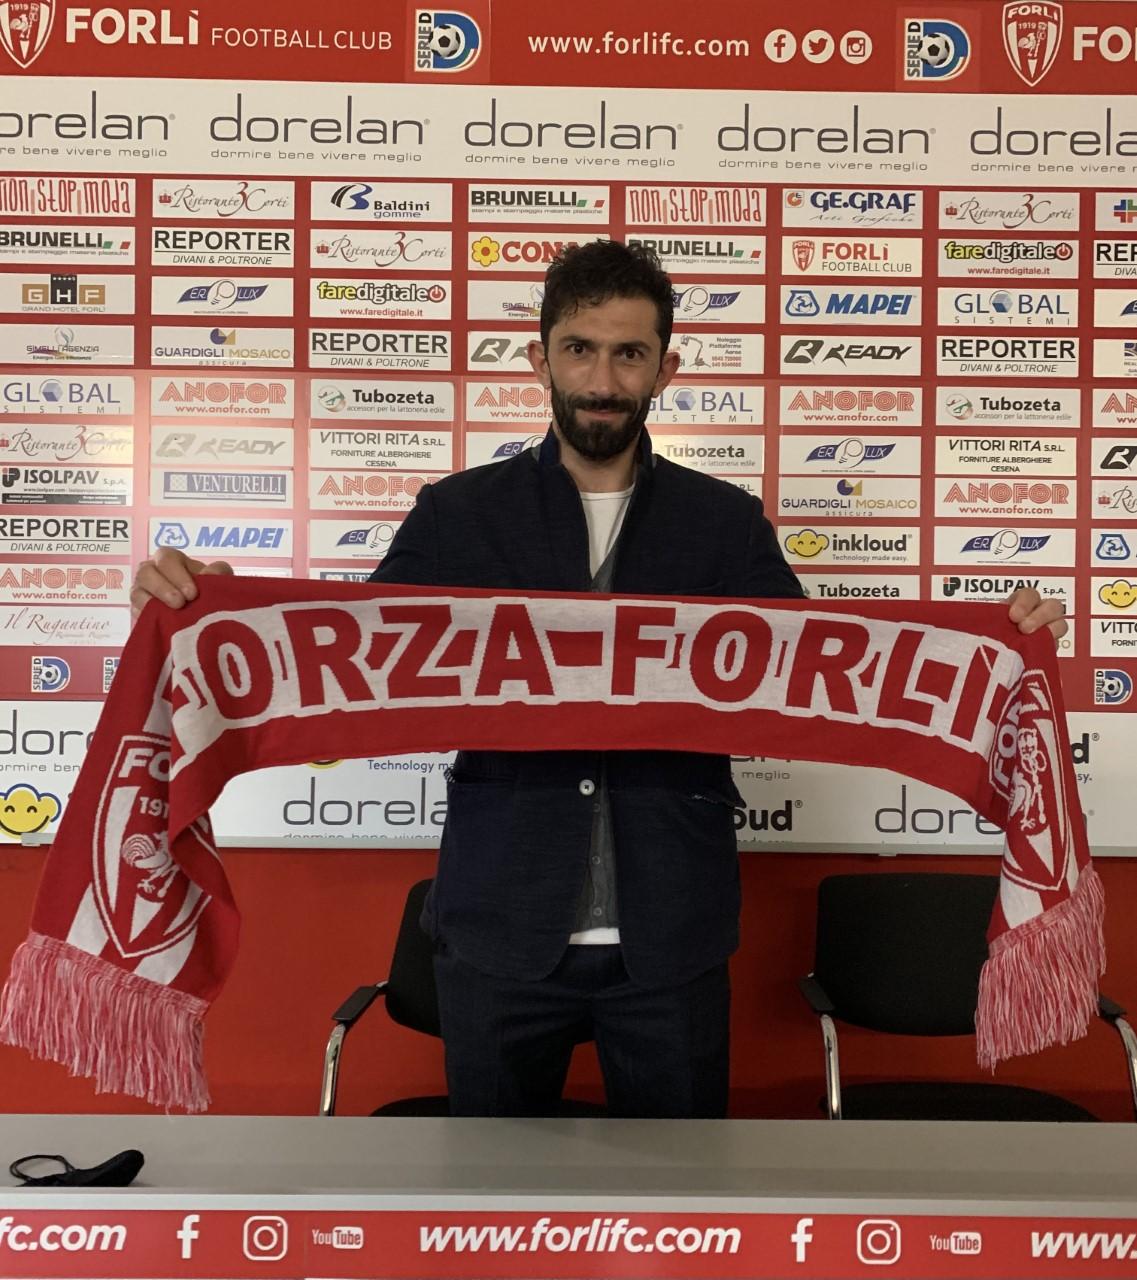 Christian-Longobardi-Forlì-Calcio